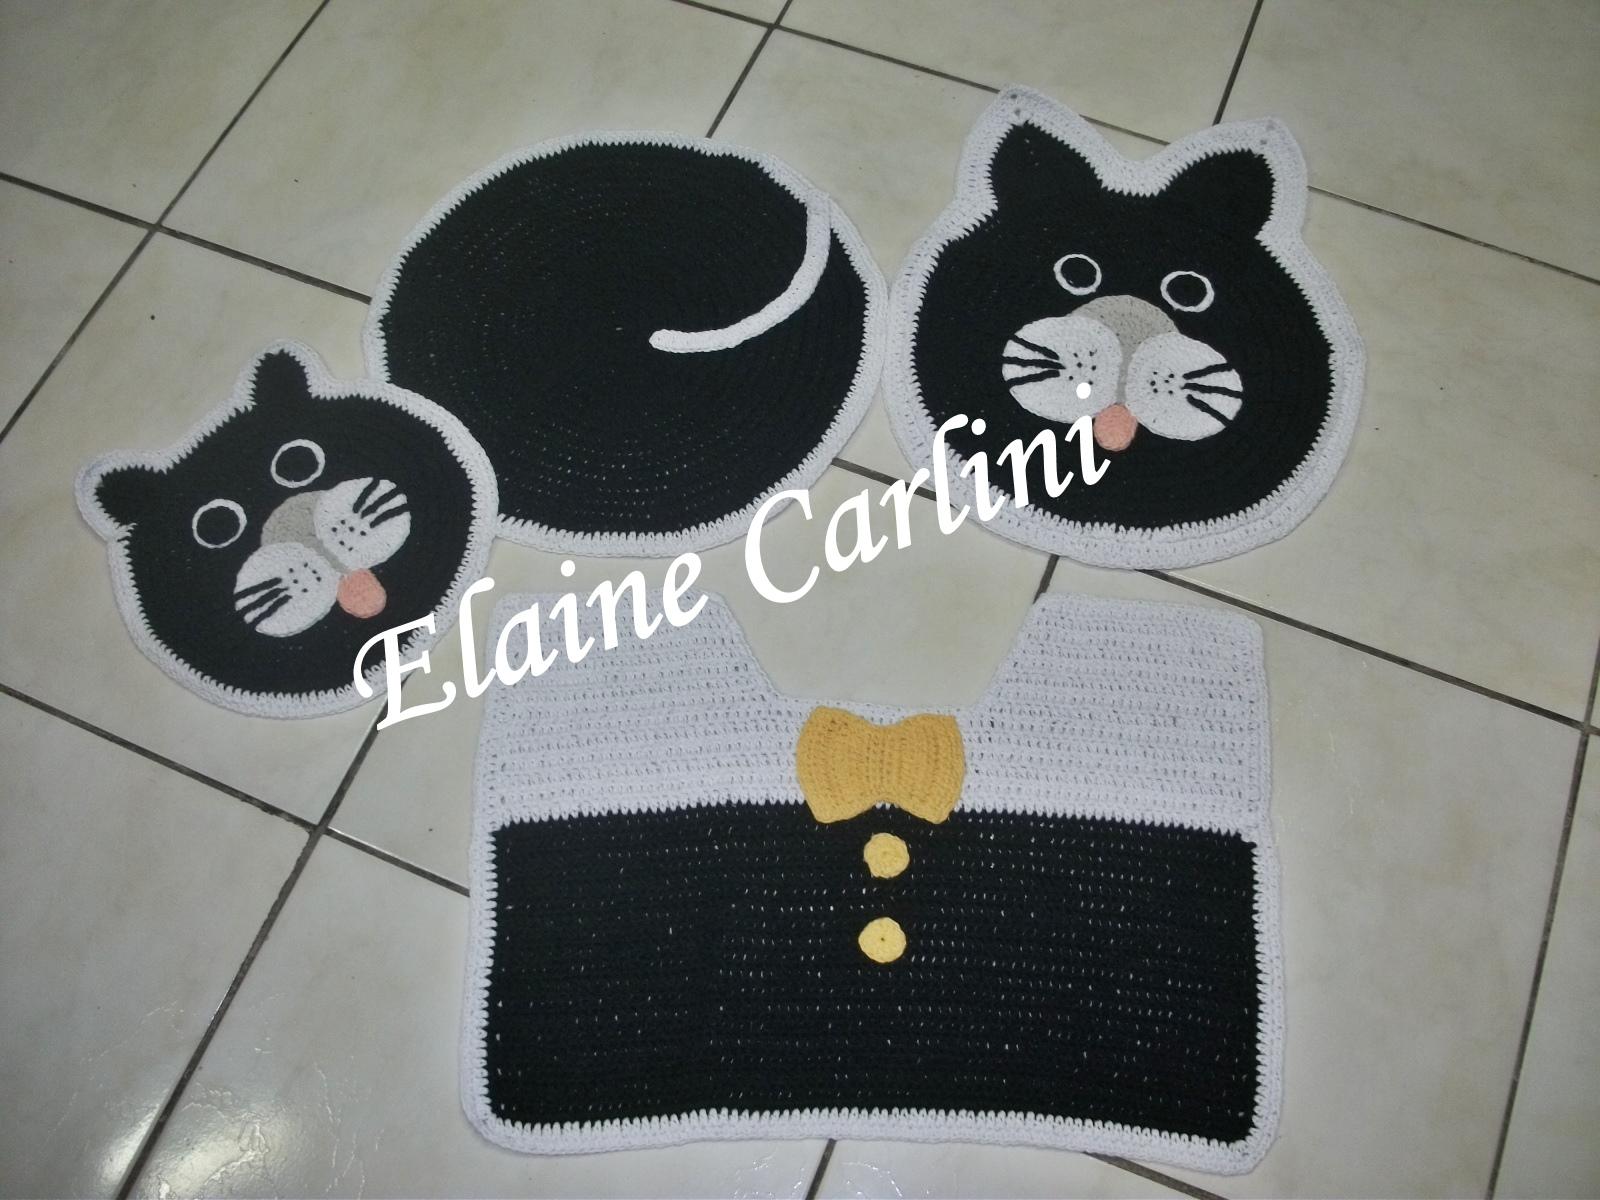 Jogo de banheiro Gato  Elaine Carlini  Elo7